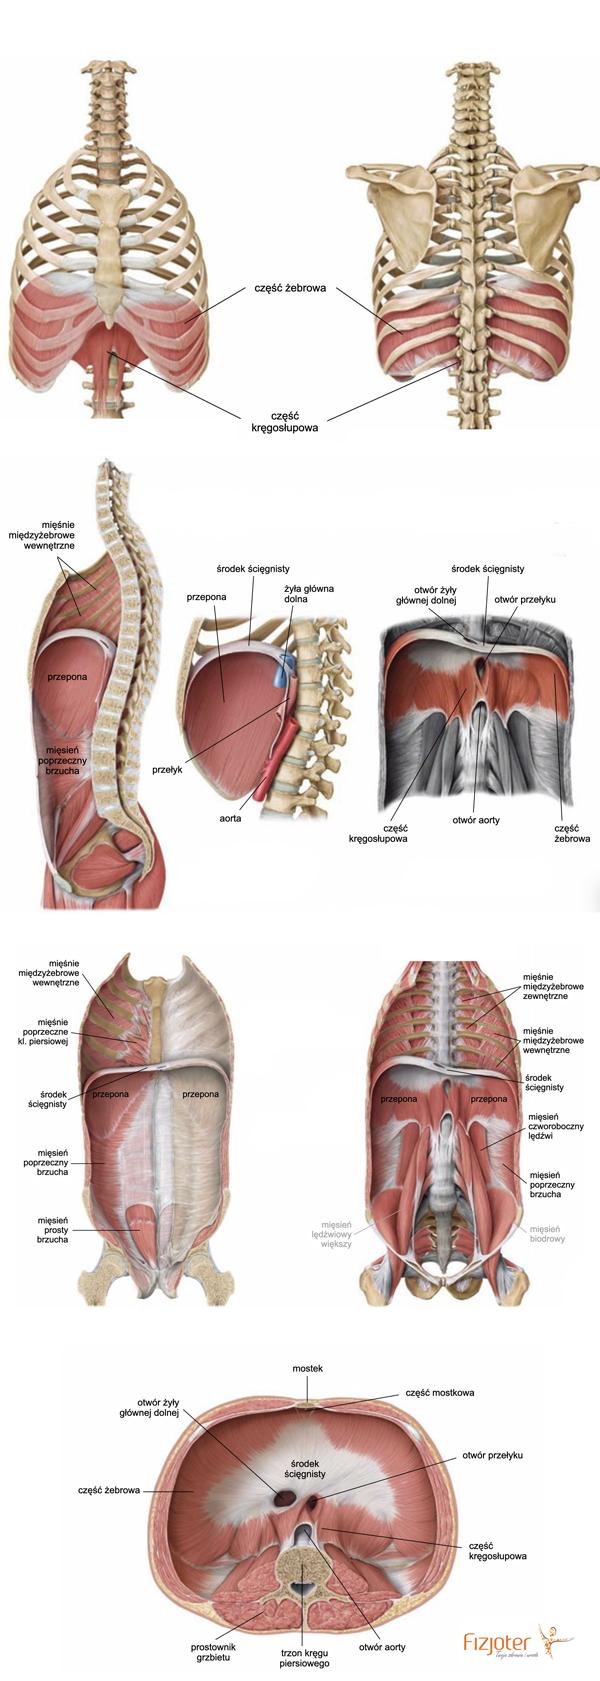 przepona anatomia